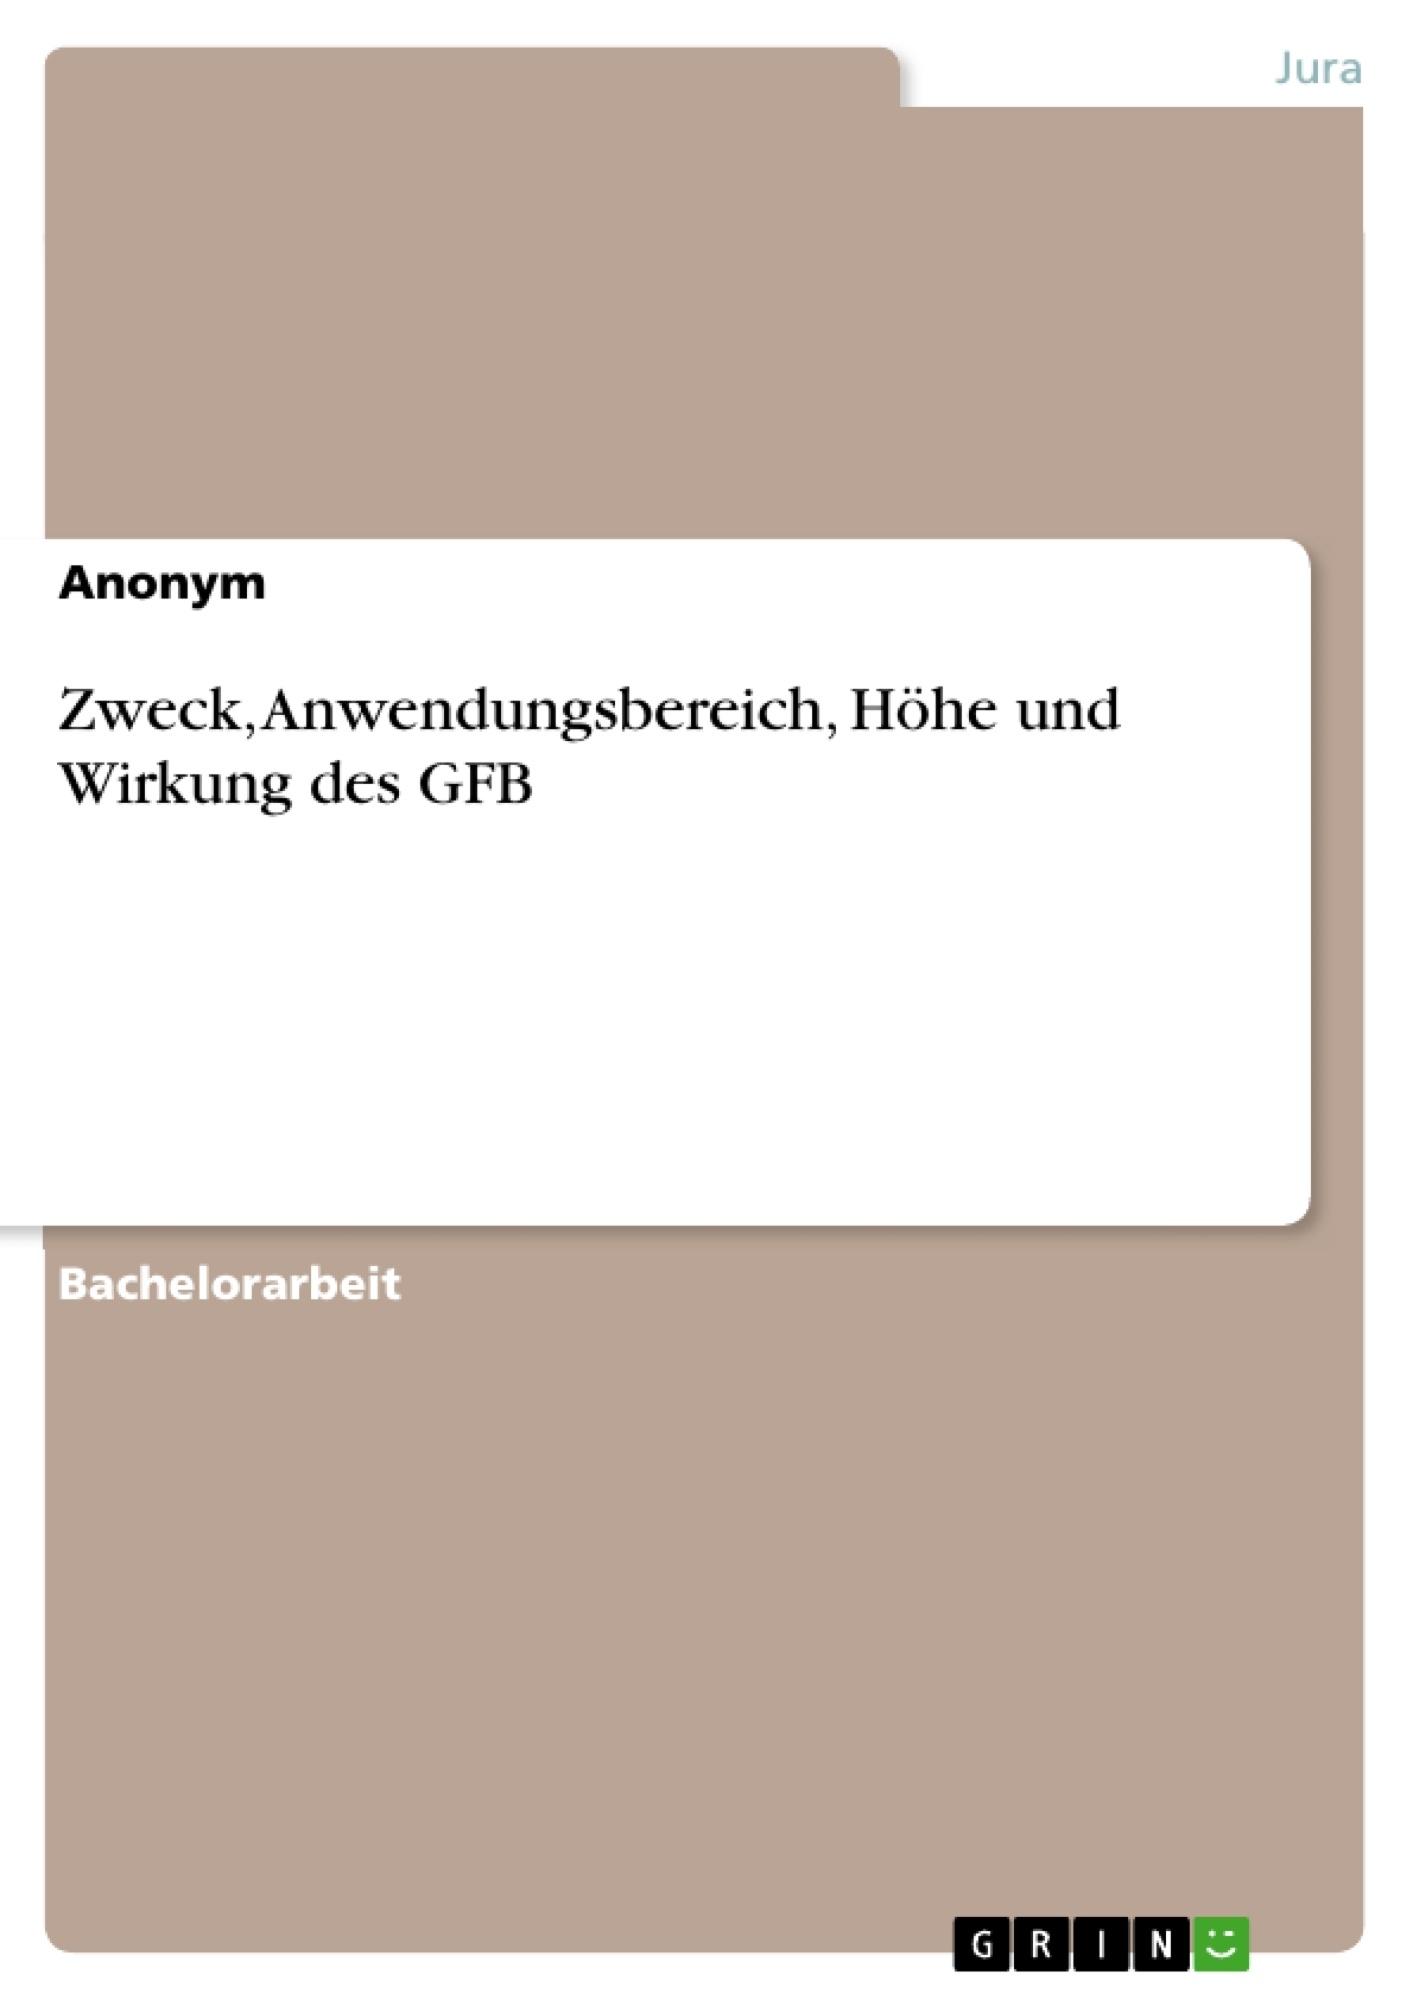 Titel: Zweck, Anwendungsbereich, Höhe und Wirkung des GFB